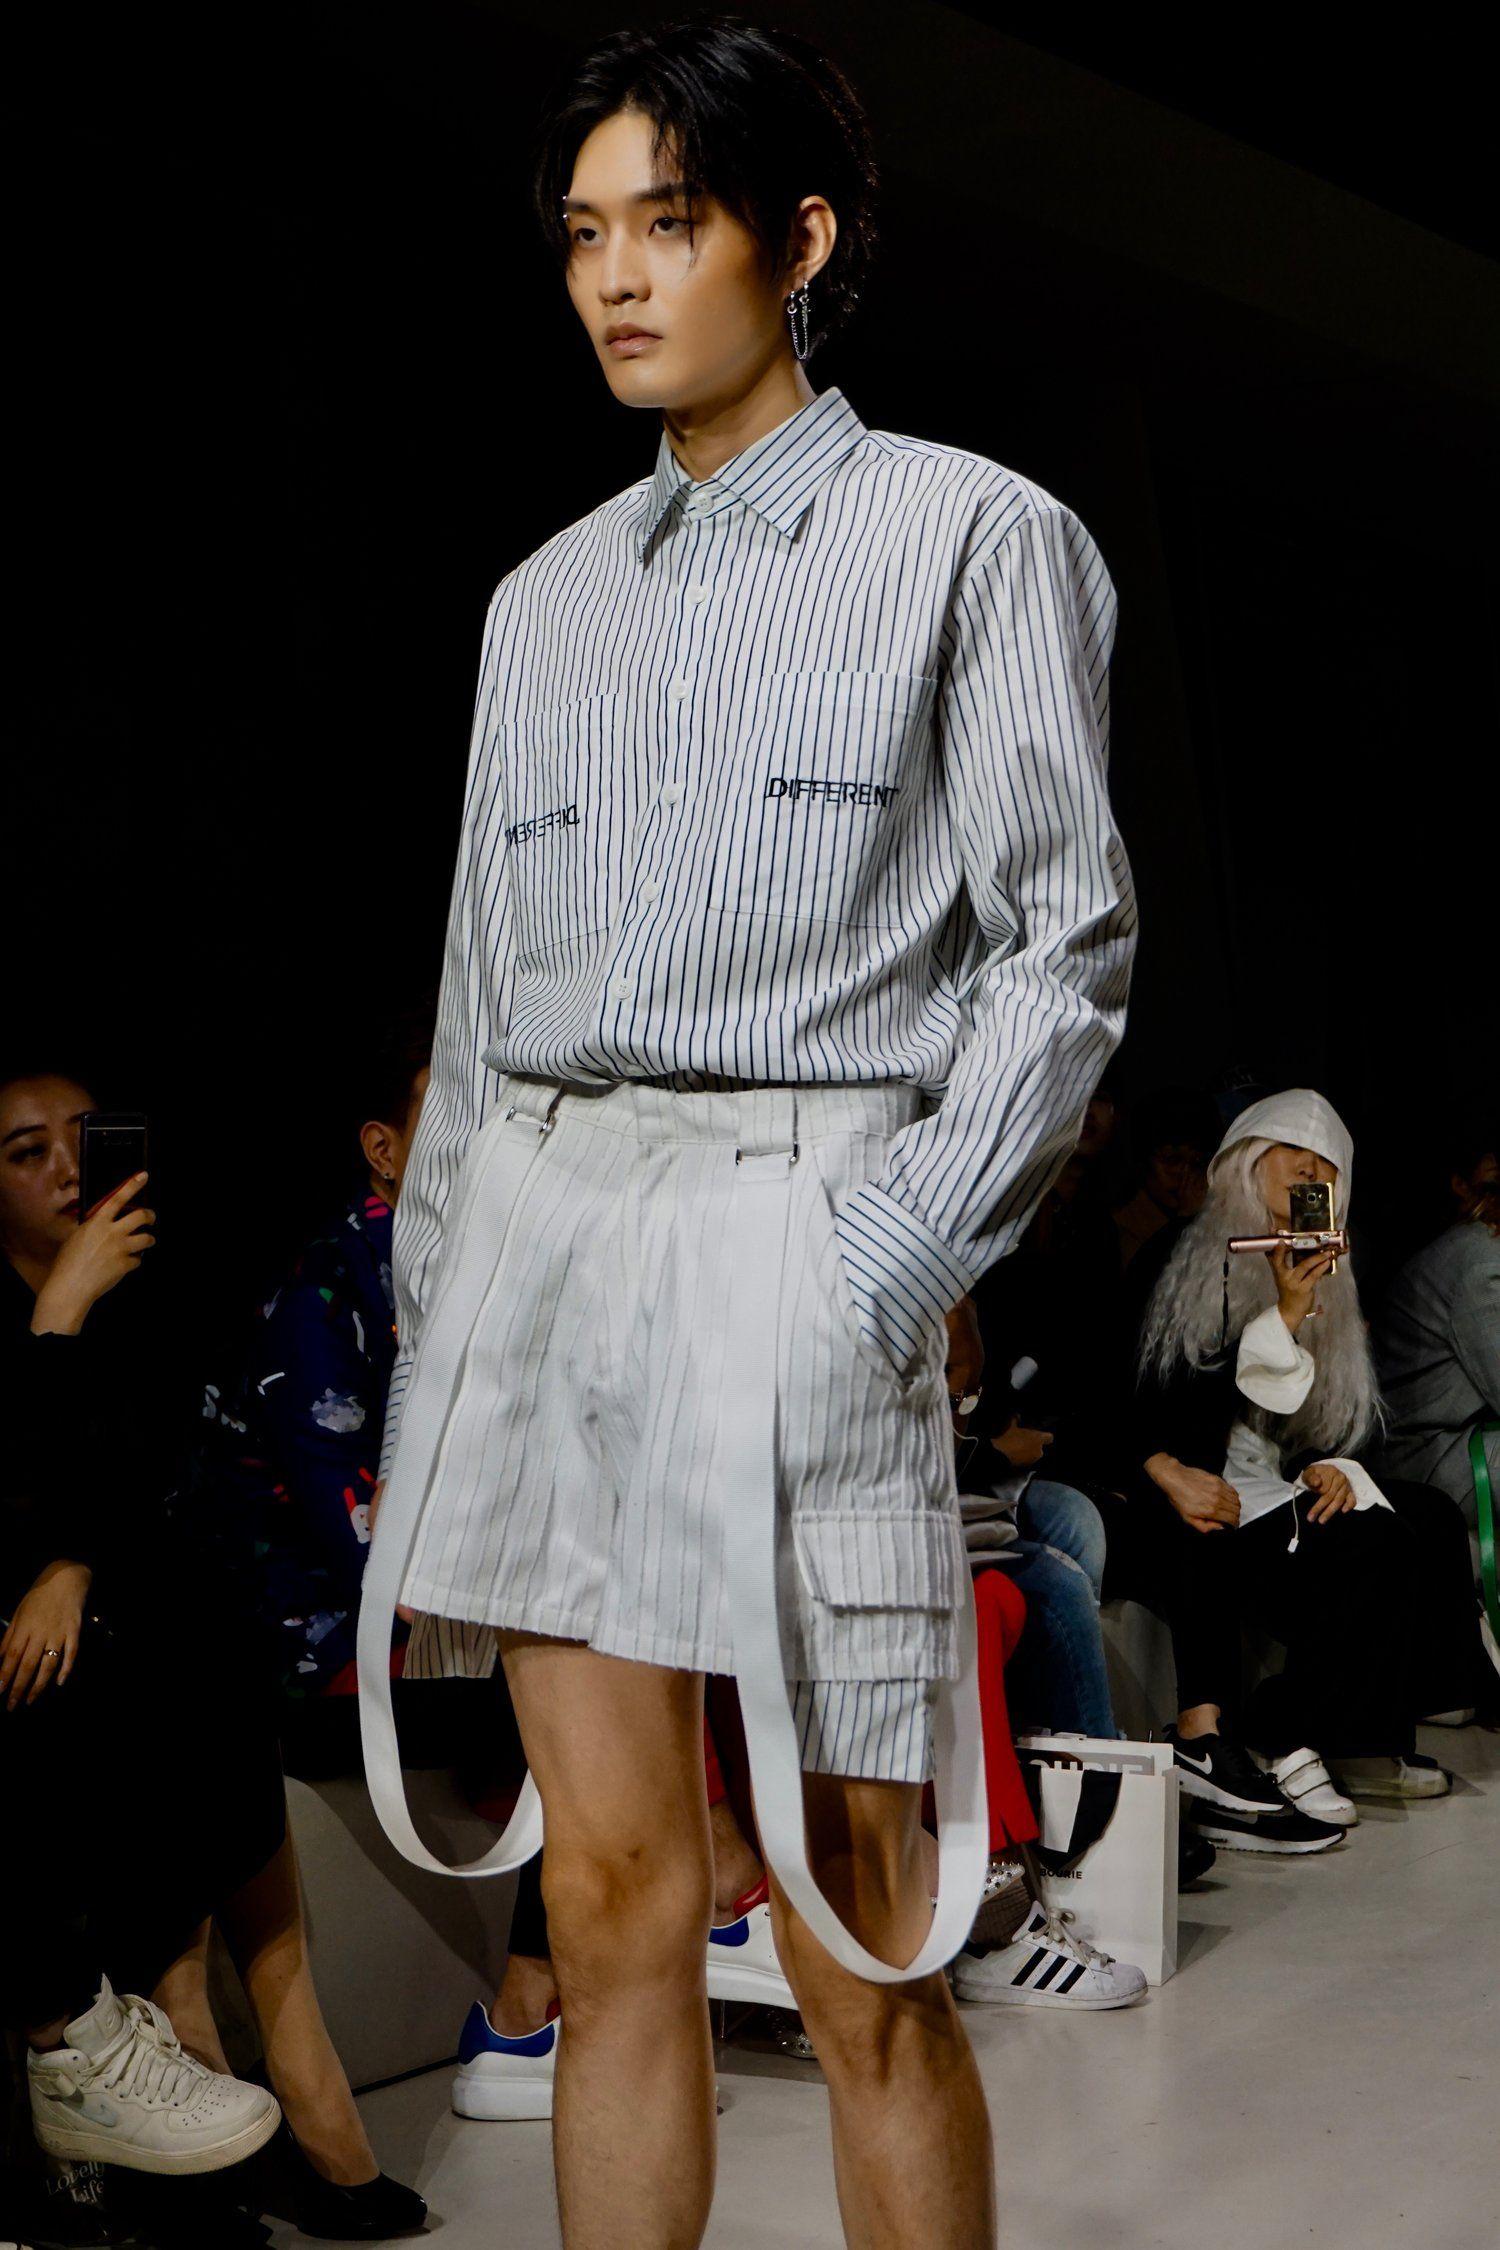 By D By Show At Seoul Fashion Week Seoul Korea Men Style Korean Kpop Idol Model Korean Seoul Fashion Seoul Fashion Week Fashion Week